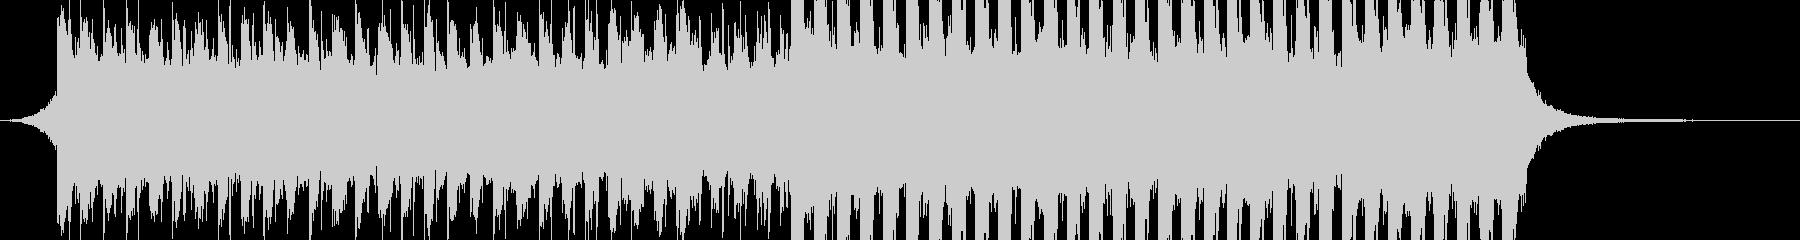 洋楽、夏らしいトロピカルハウス3、30秒の未再生の波形